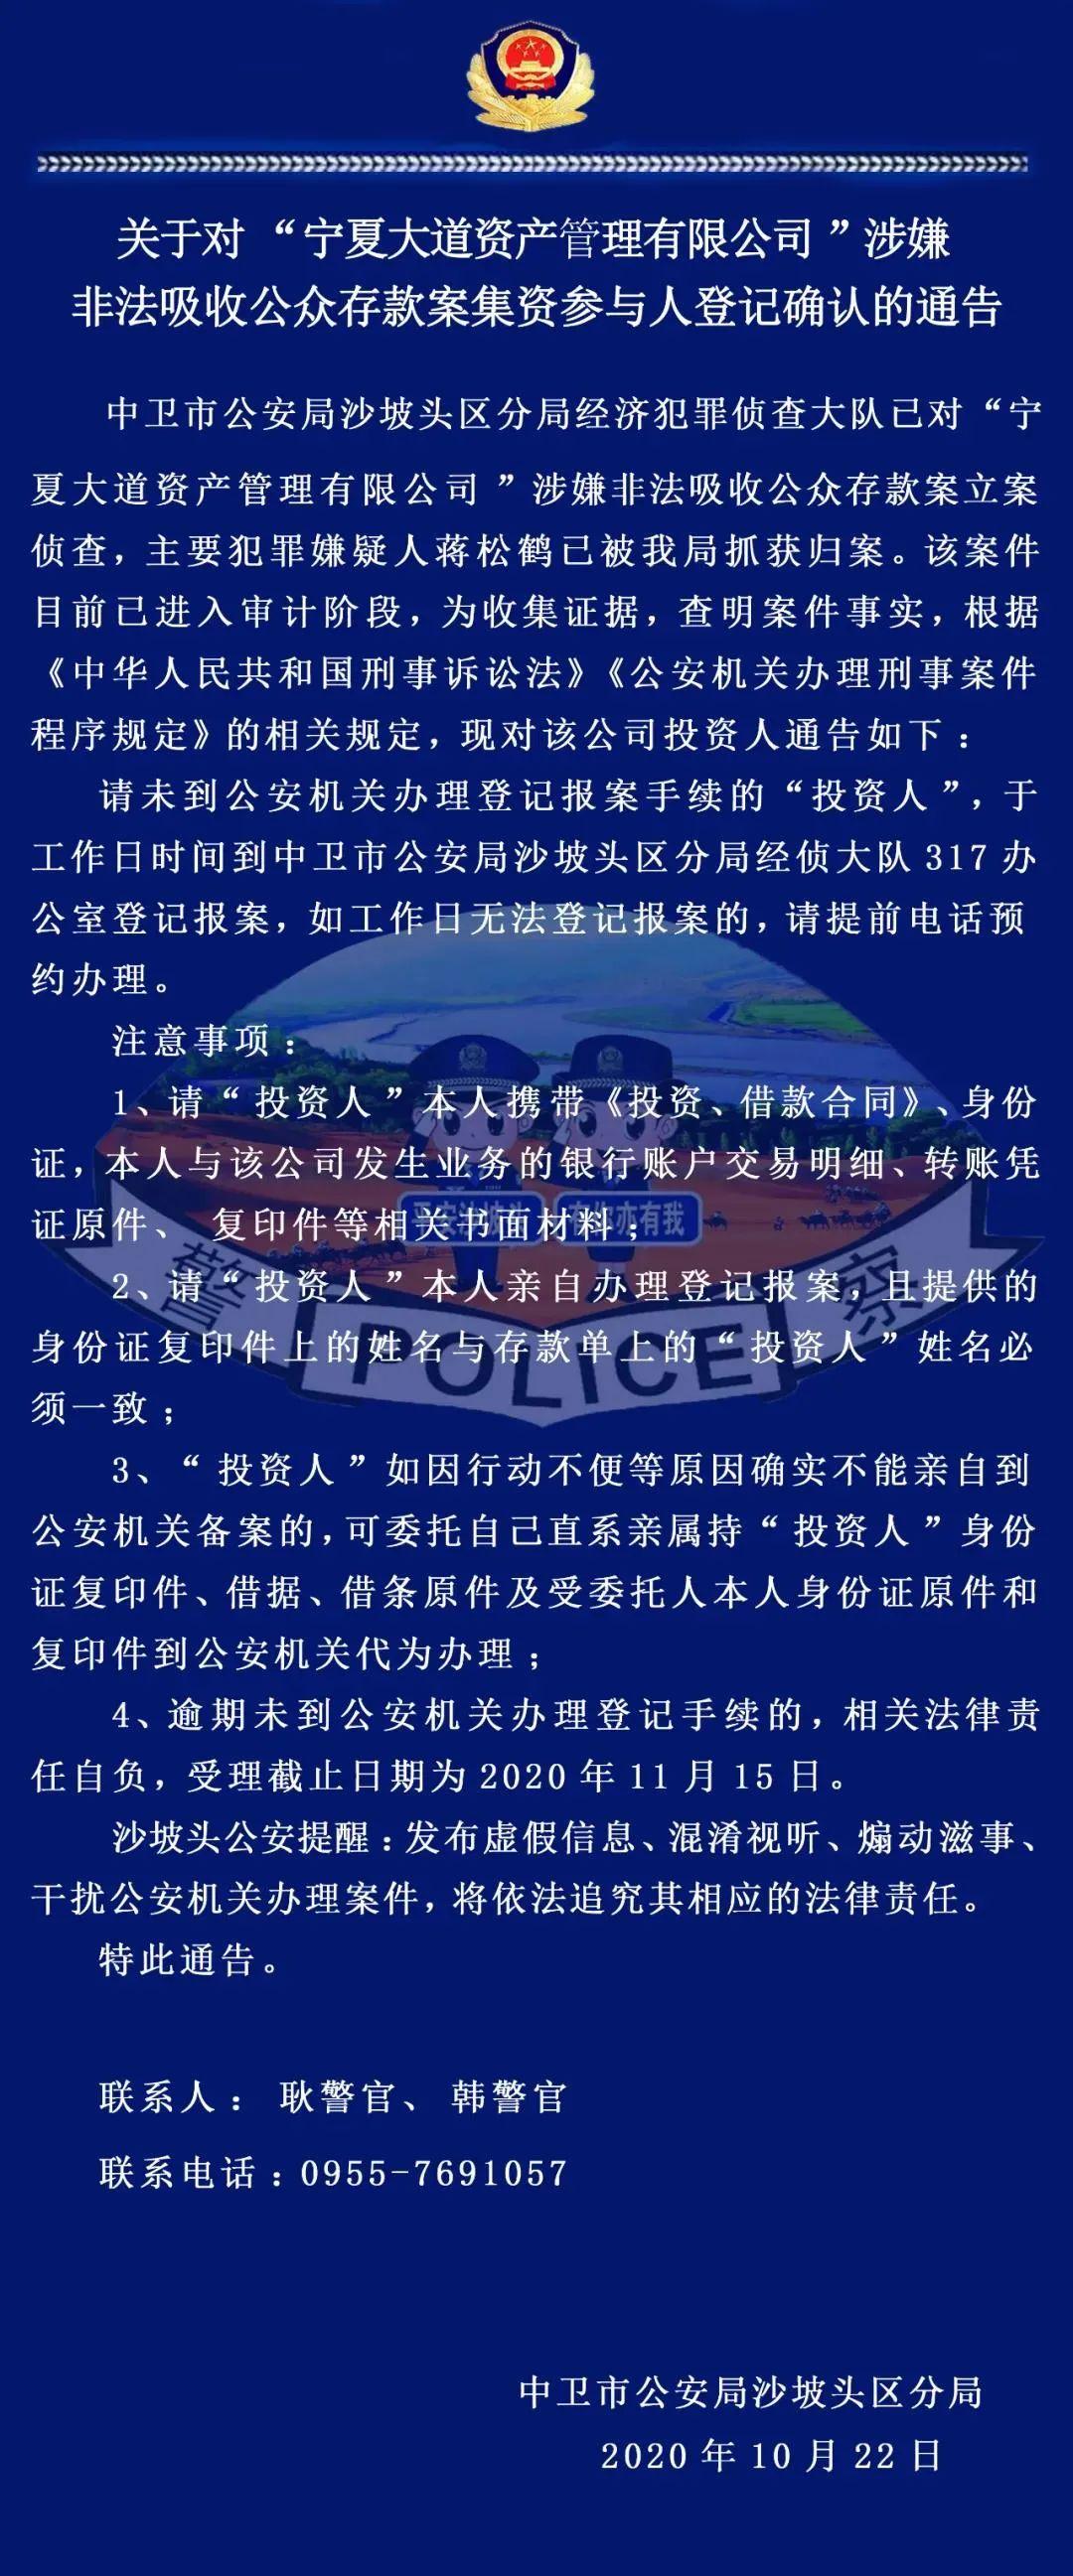 """【扩散】关于对""""宁夏大道资产管理有限公司""""涉嫌非法吸收公众存款案集资参与人登记确认的通告!图片"""